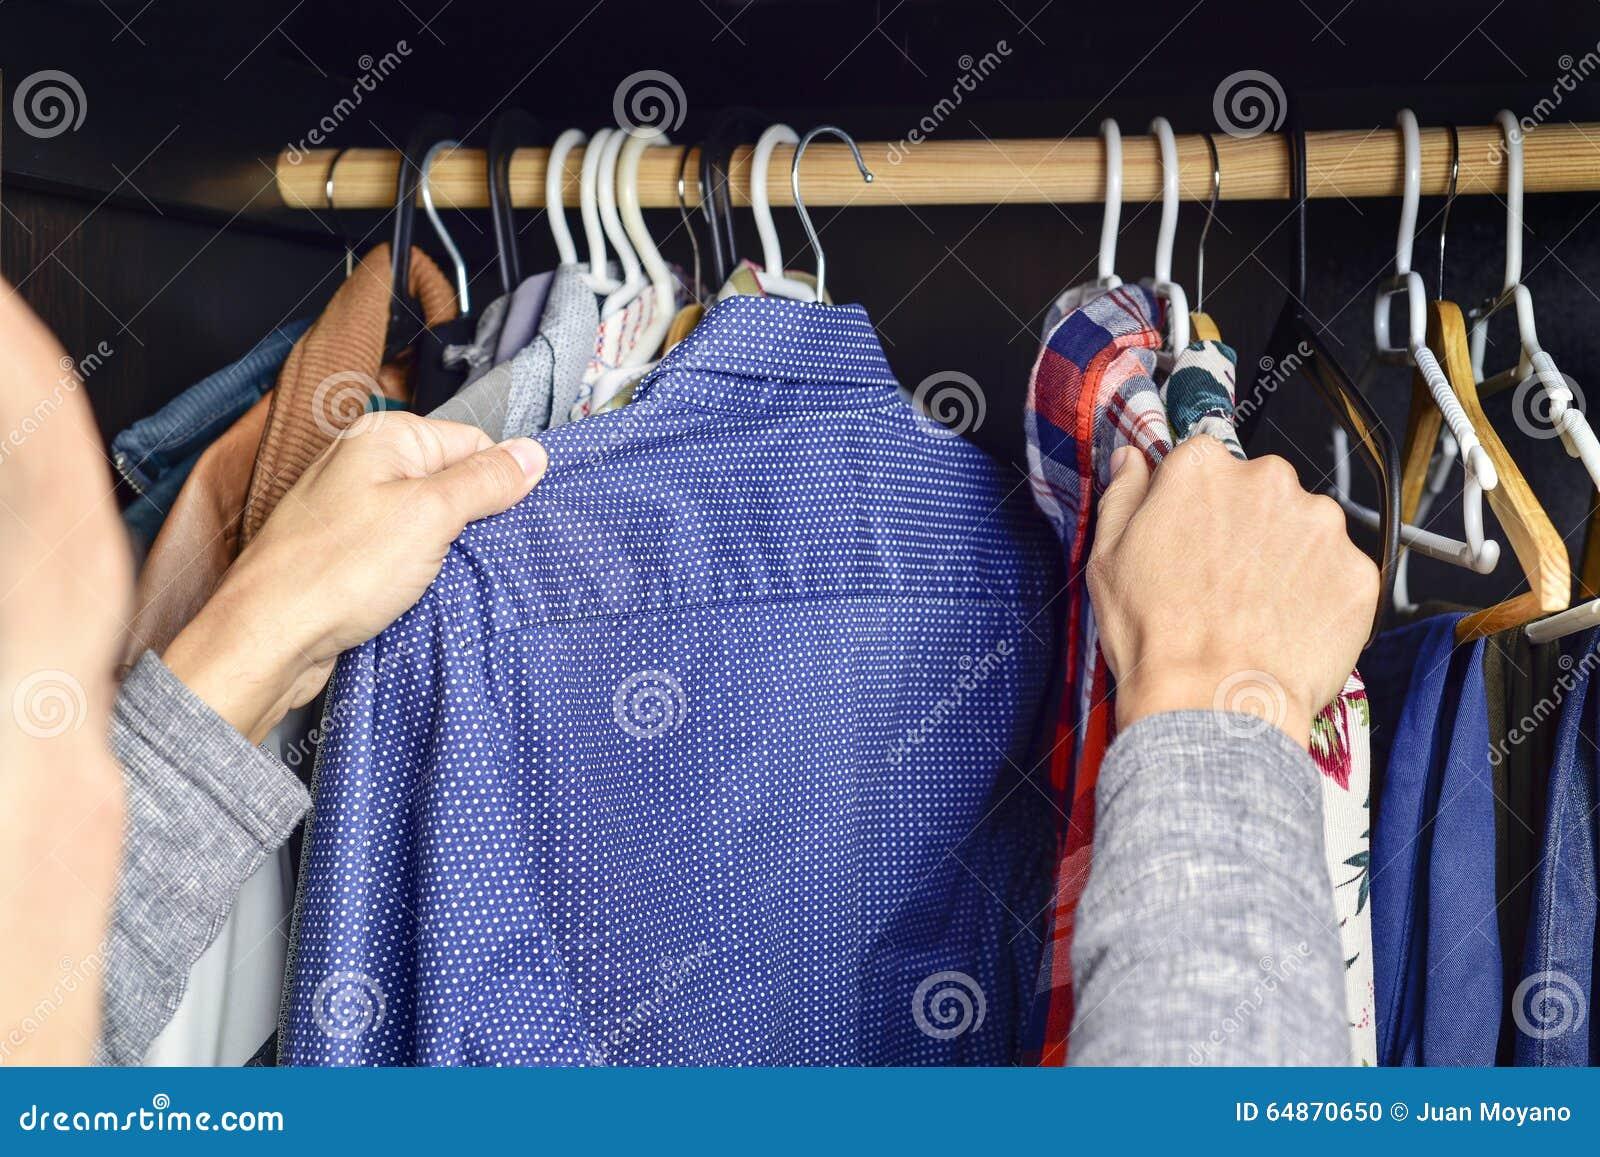 Jonge mens die een overhemd kiezen van een klerenrek